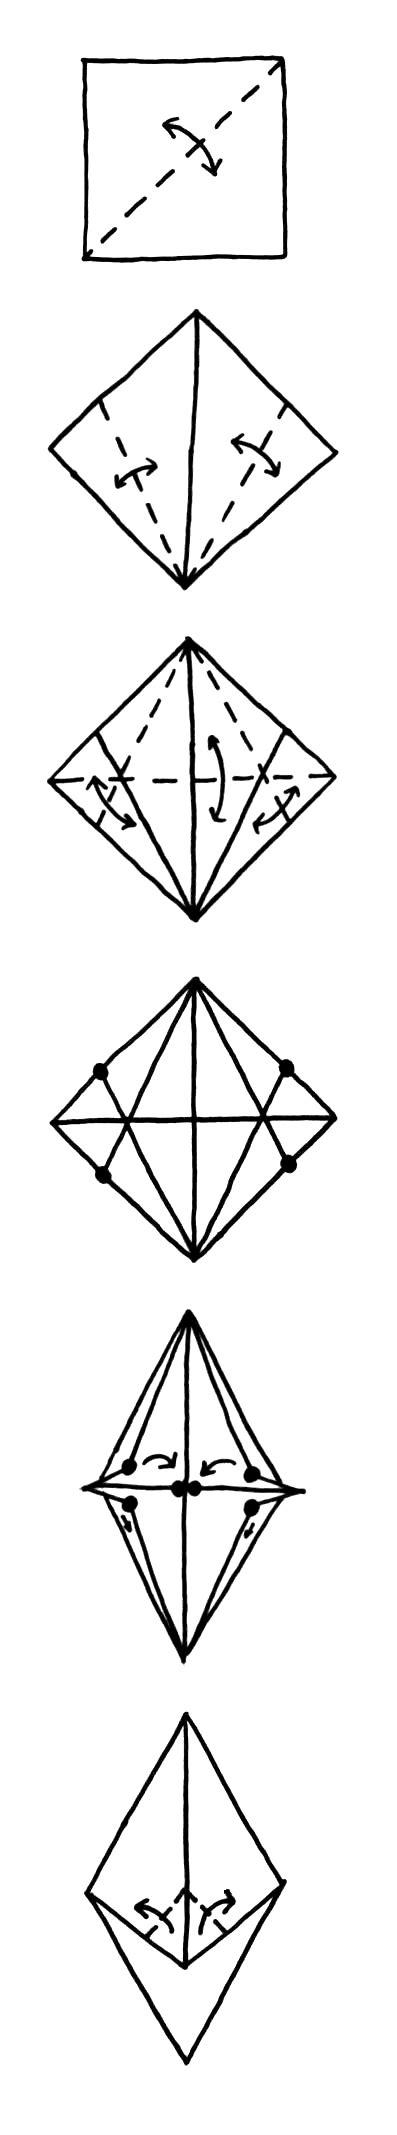 Origami Parrot Tutorial - origami parrot tutorial p 1 by rhiallom on deviantart